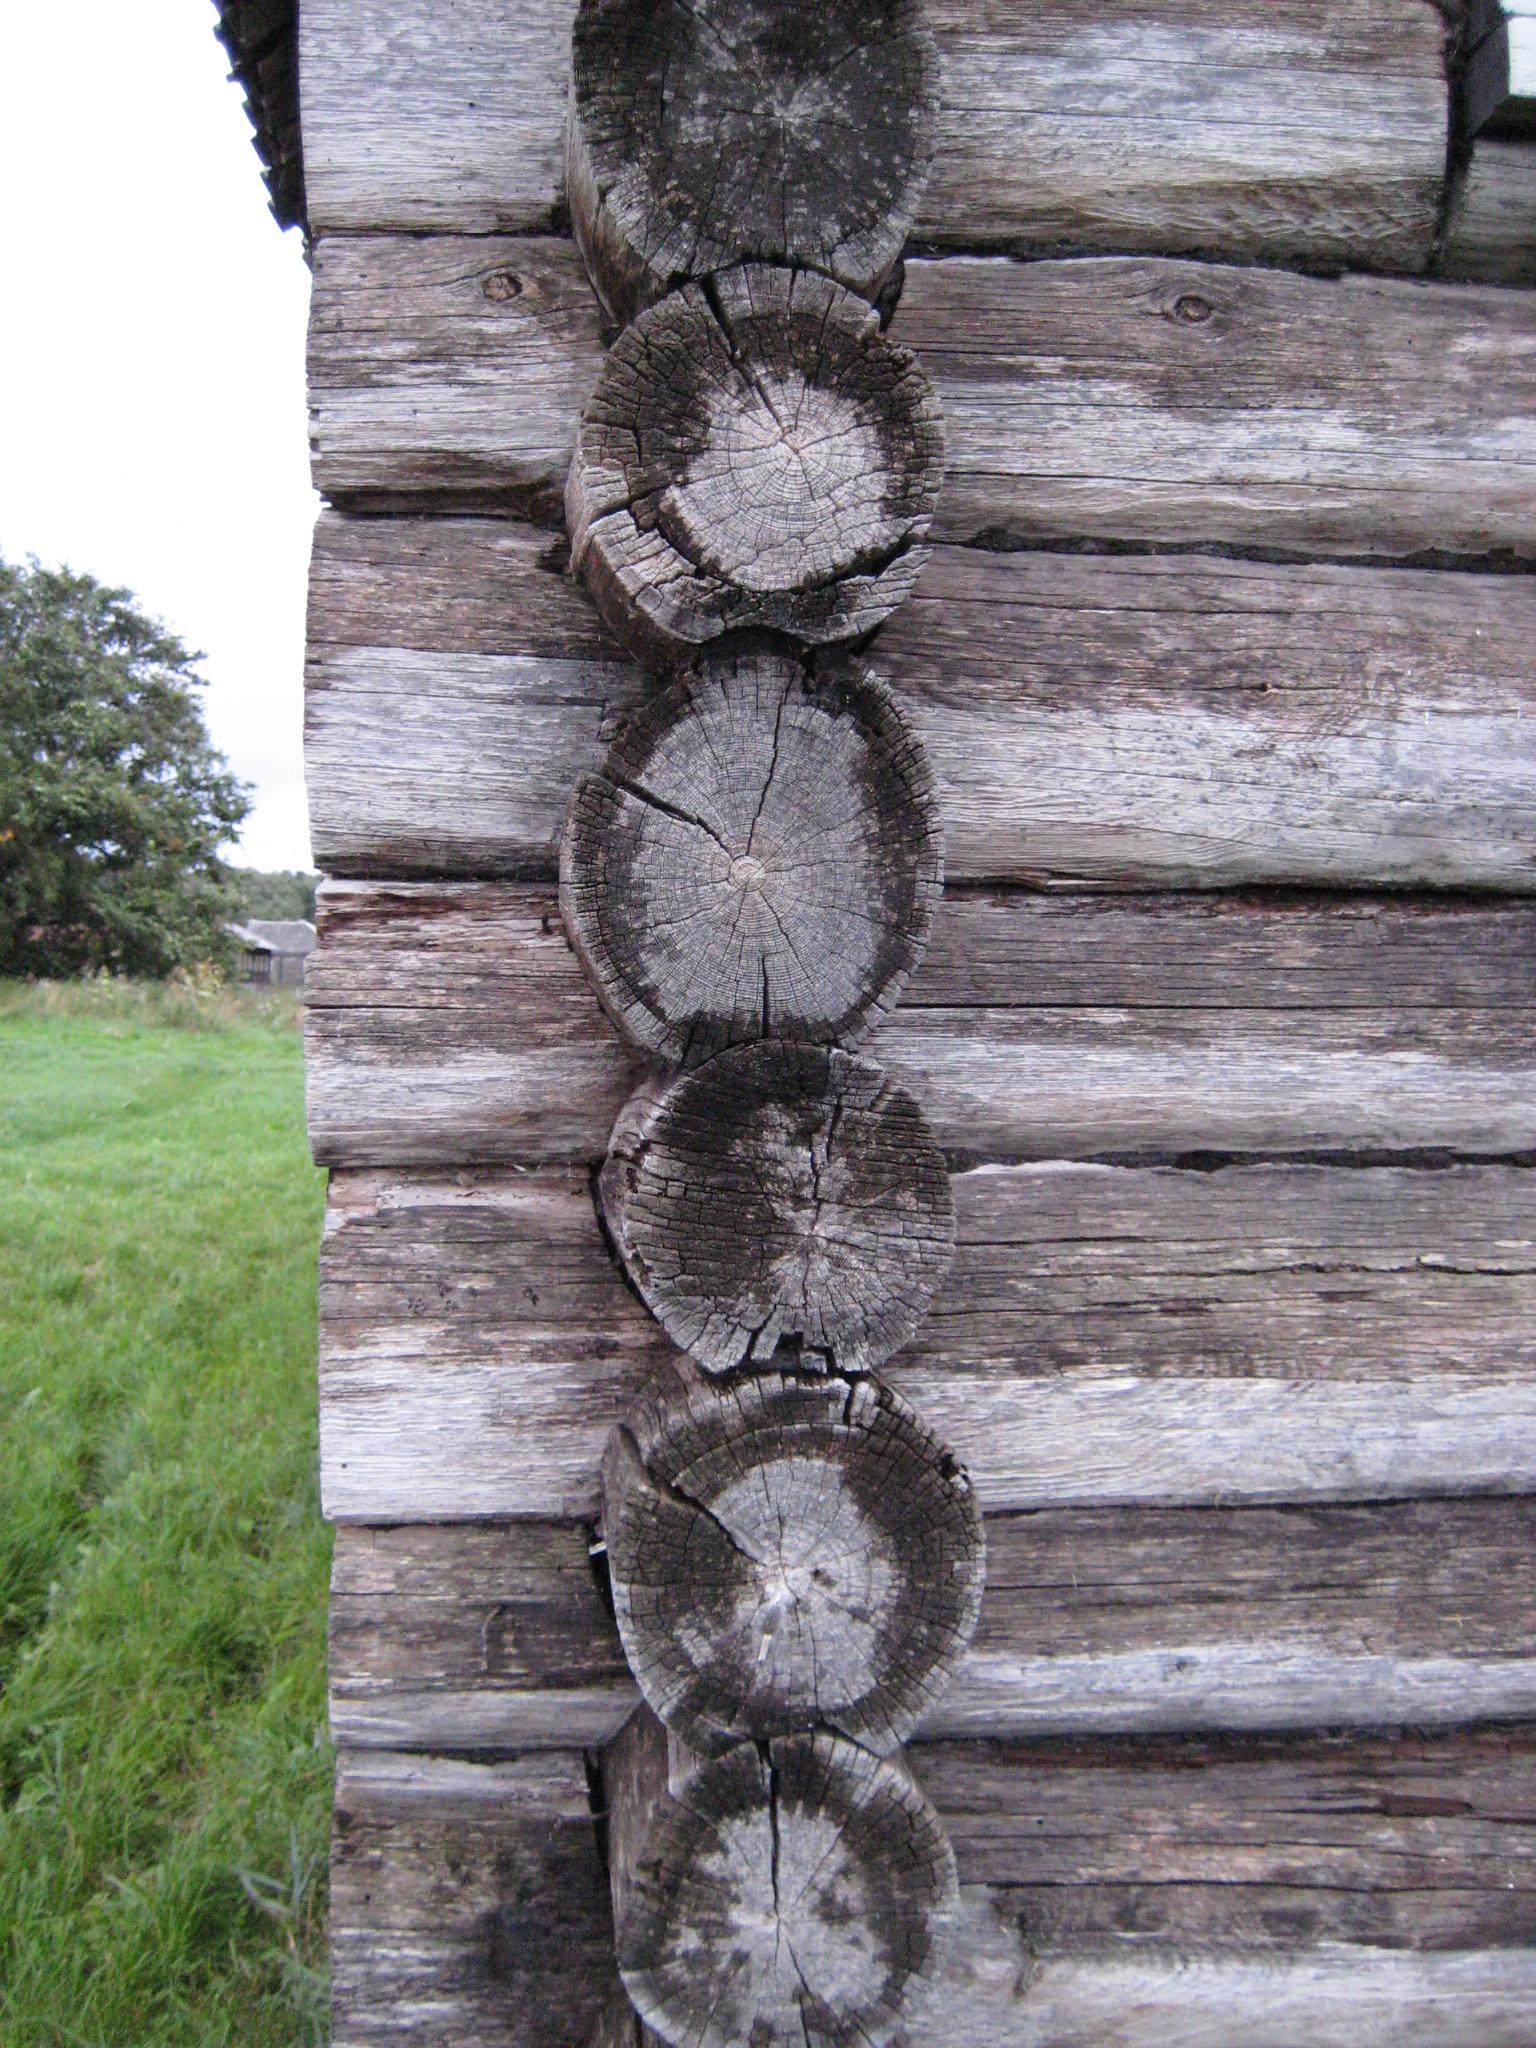 После дождя на торцах старого дома хорошо видна разница между рыхлой заболонной древесиной, как губка впитывающей влагу, и засмоленной сердцевинной древесиной, не пускающую влагу внутрь. Кстати, это одна из причин, почему в странах западной Европы и Скандинавии, так популярны здания из бревен отесанных на два канта: таким образом плотники еще при строительстве стесывали слабую заболонную древесину, обнажая более стойкую ко внешним воздействиям и грибам сердцевинную. Это позволяло отсрочить начало резрушения древесины сруба.